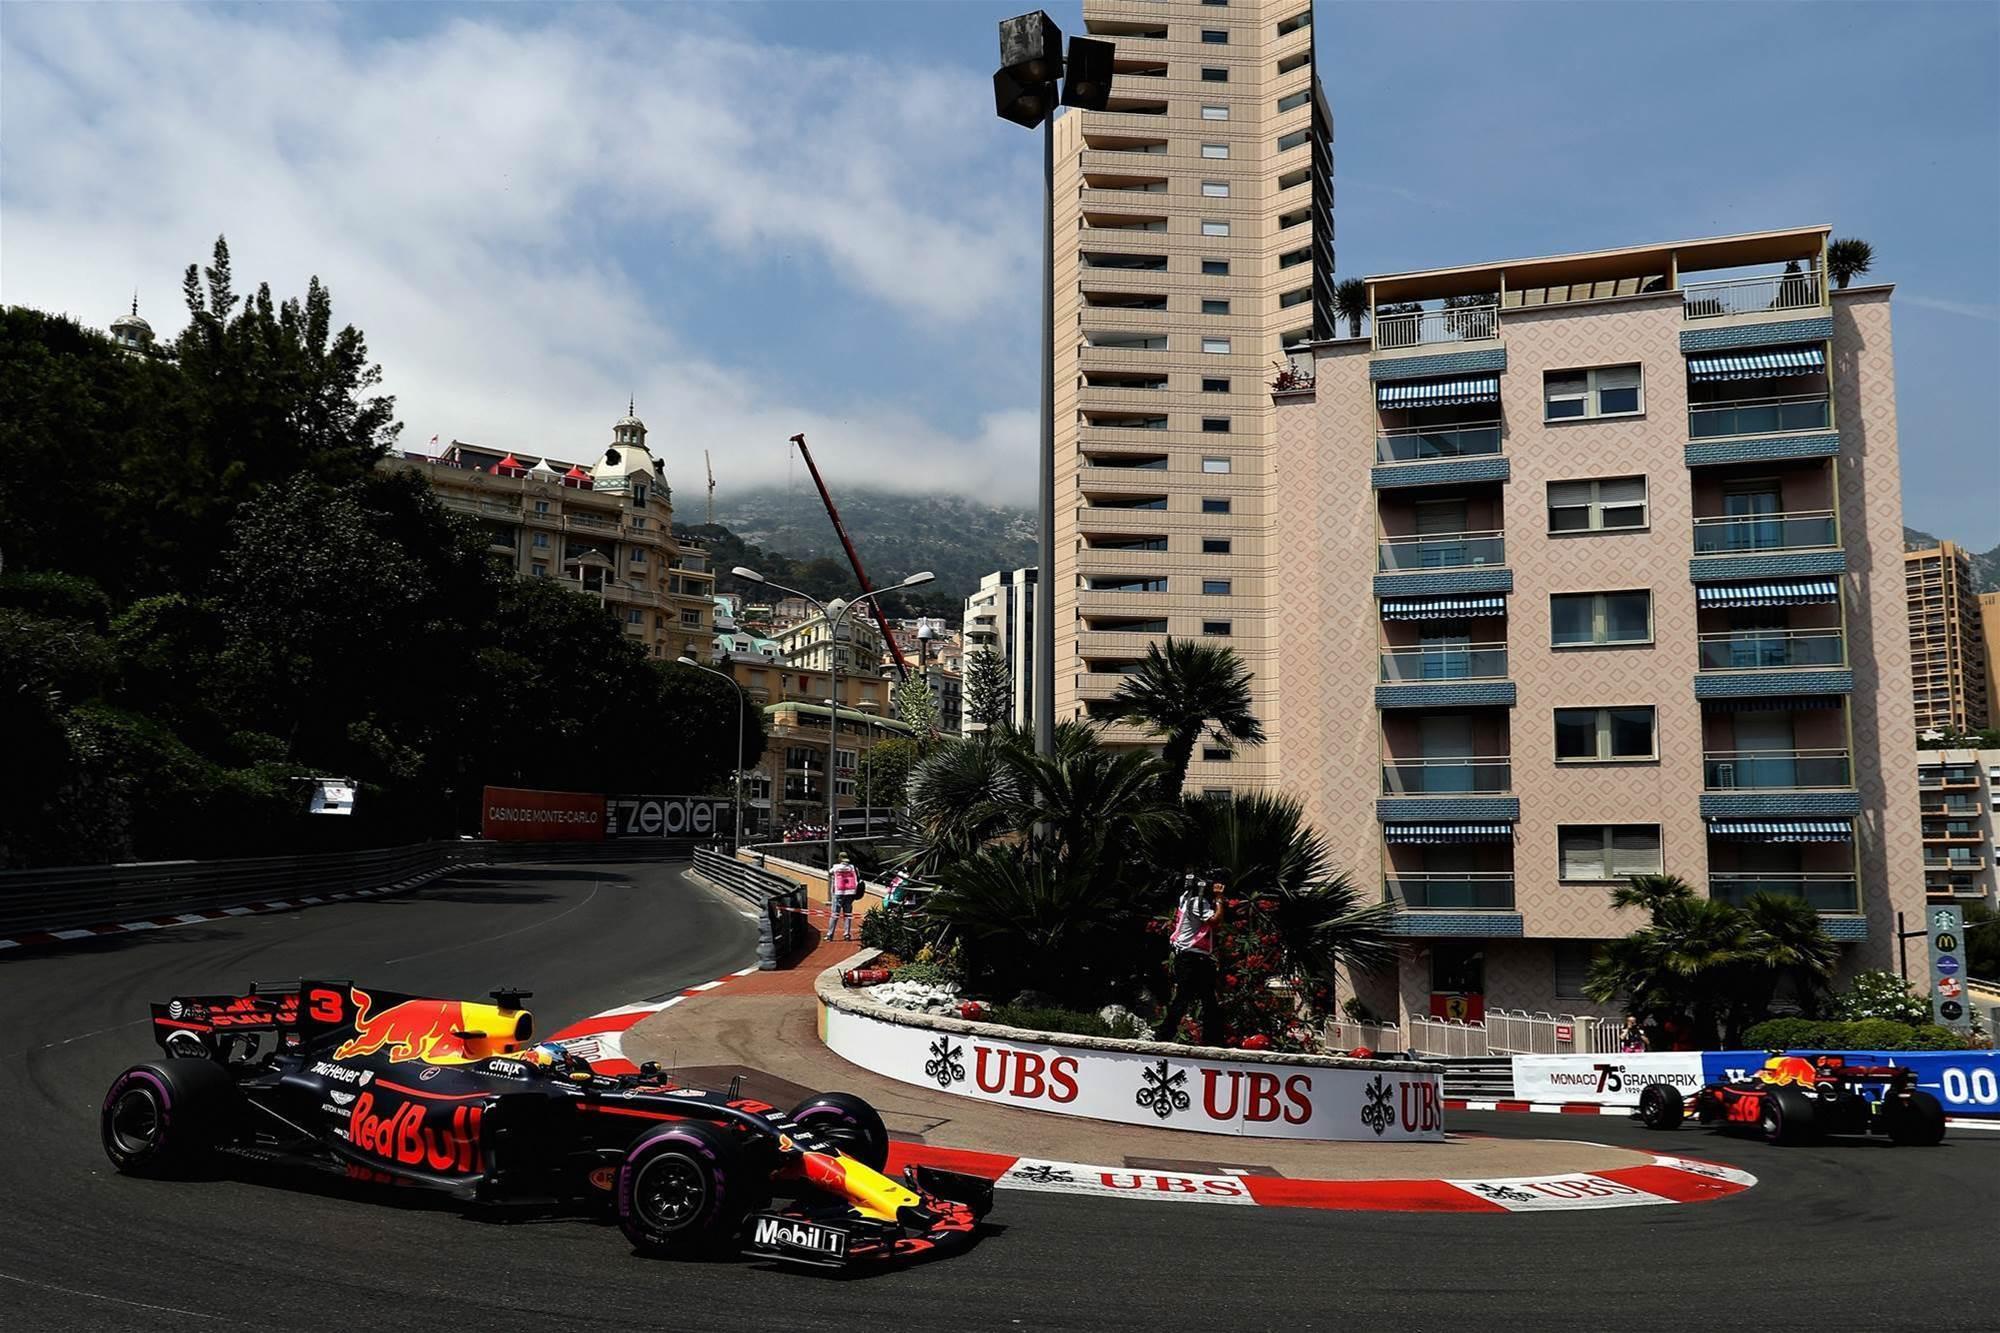 Pic gallery: Monaco F1 practice